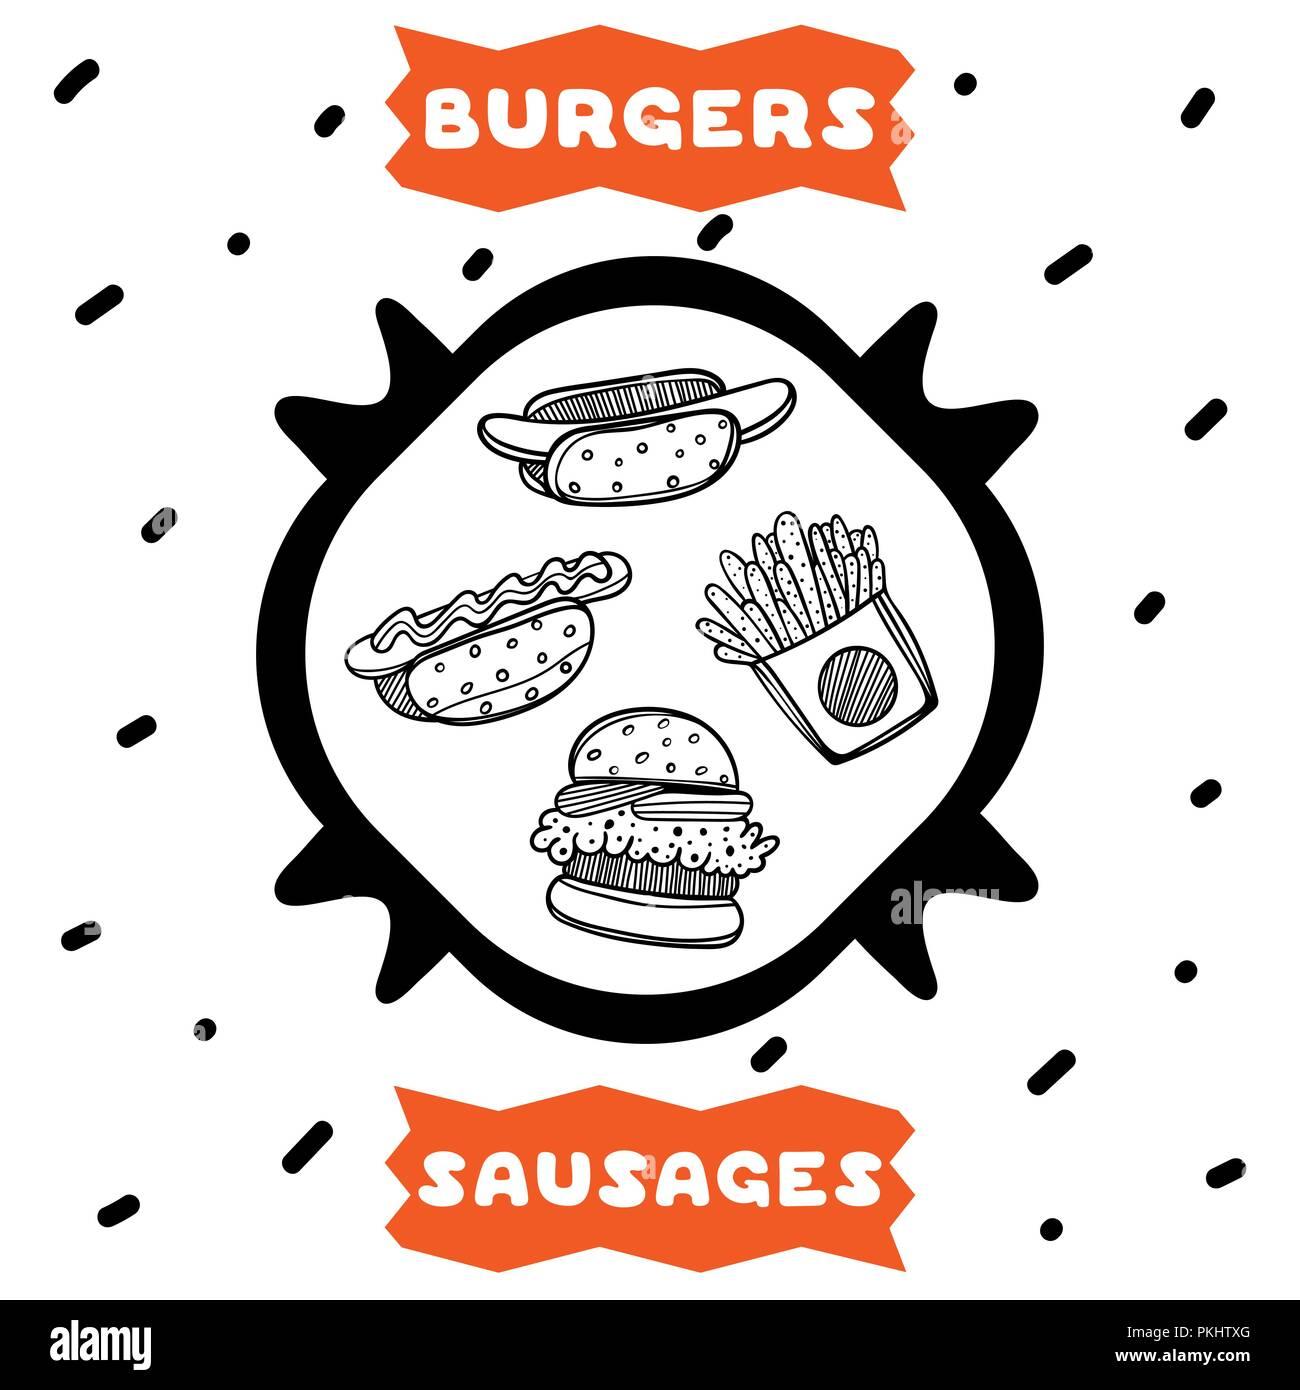 Cute Poster Dibujado A Mano De Estilo Sketch Cafe Con Hamburguesas